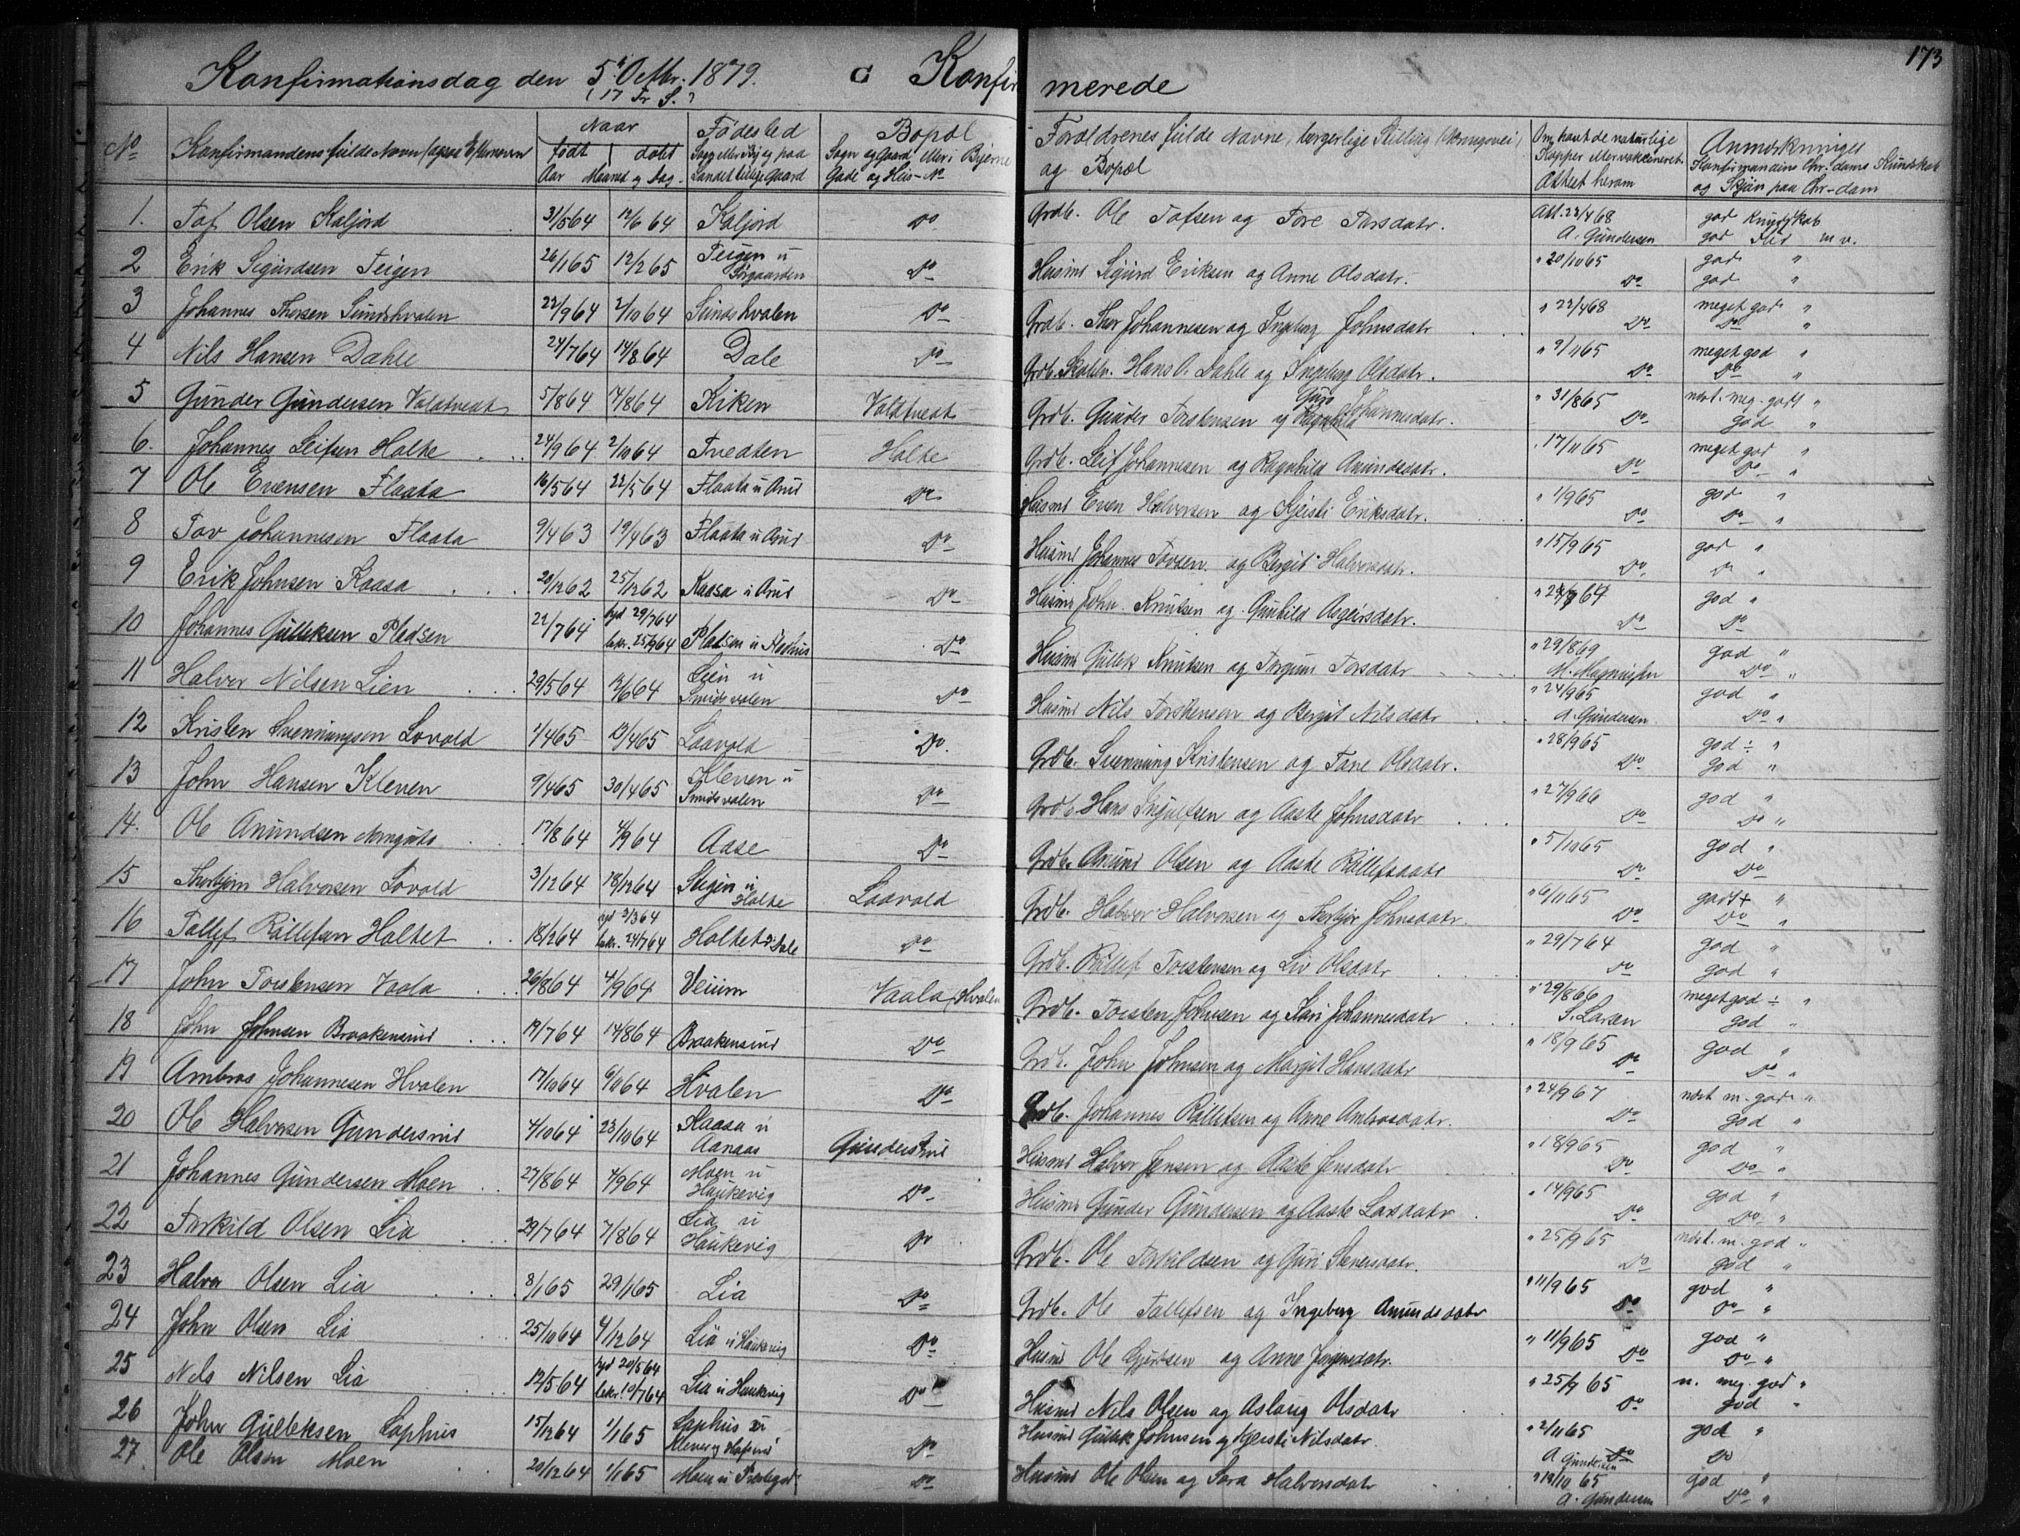 SAKO, Sauherad kirkebøker, G/Ga/L0003: Klokkerbok nr. I 3, 1866-1905, s. 173